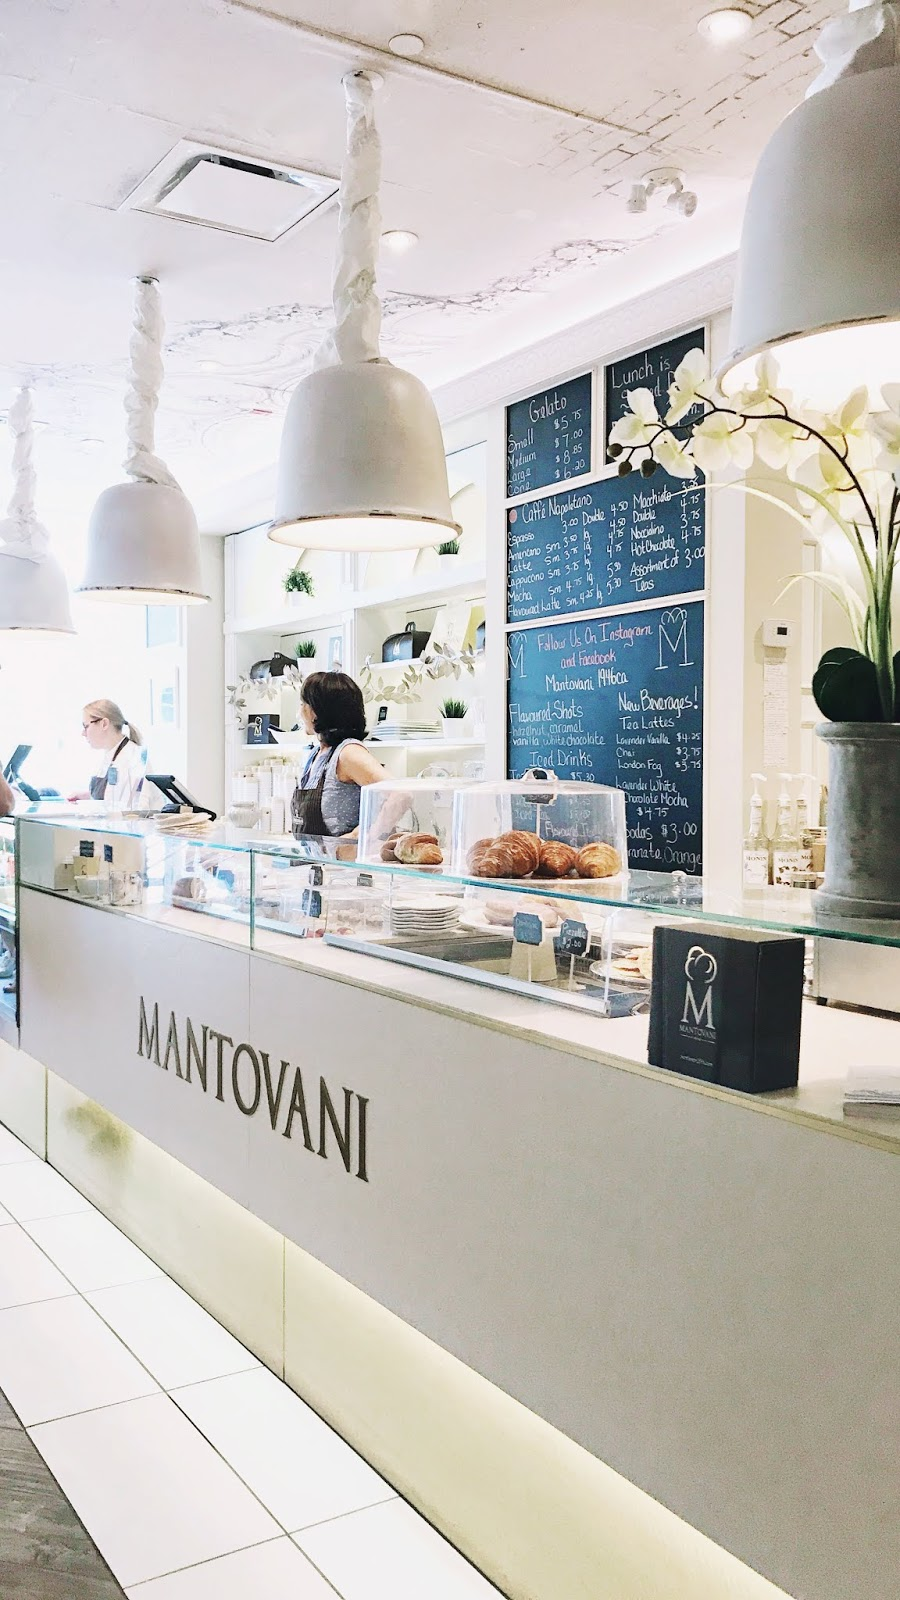 ottawa ice cream shop, ottawa restaurant, ottawa travel